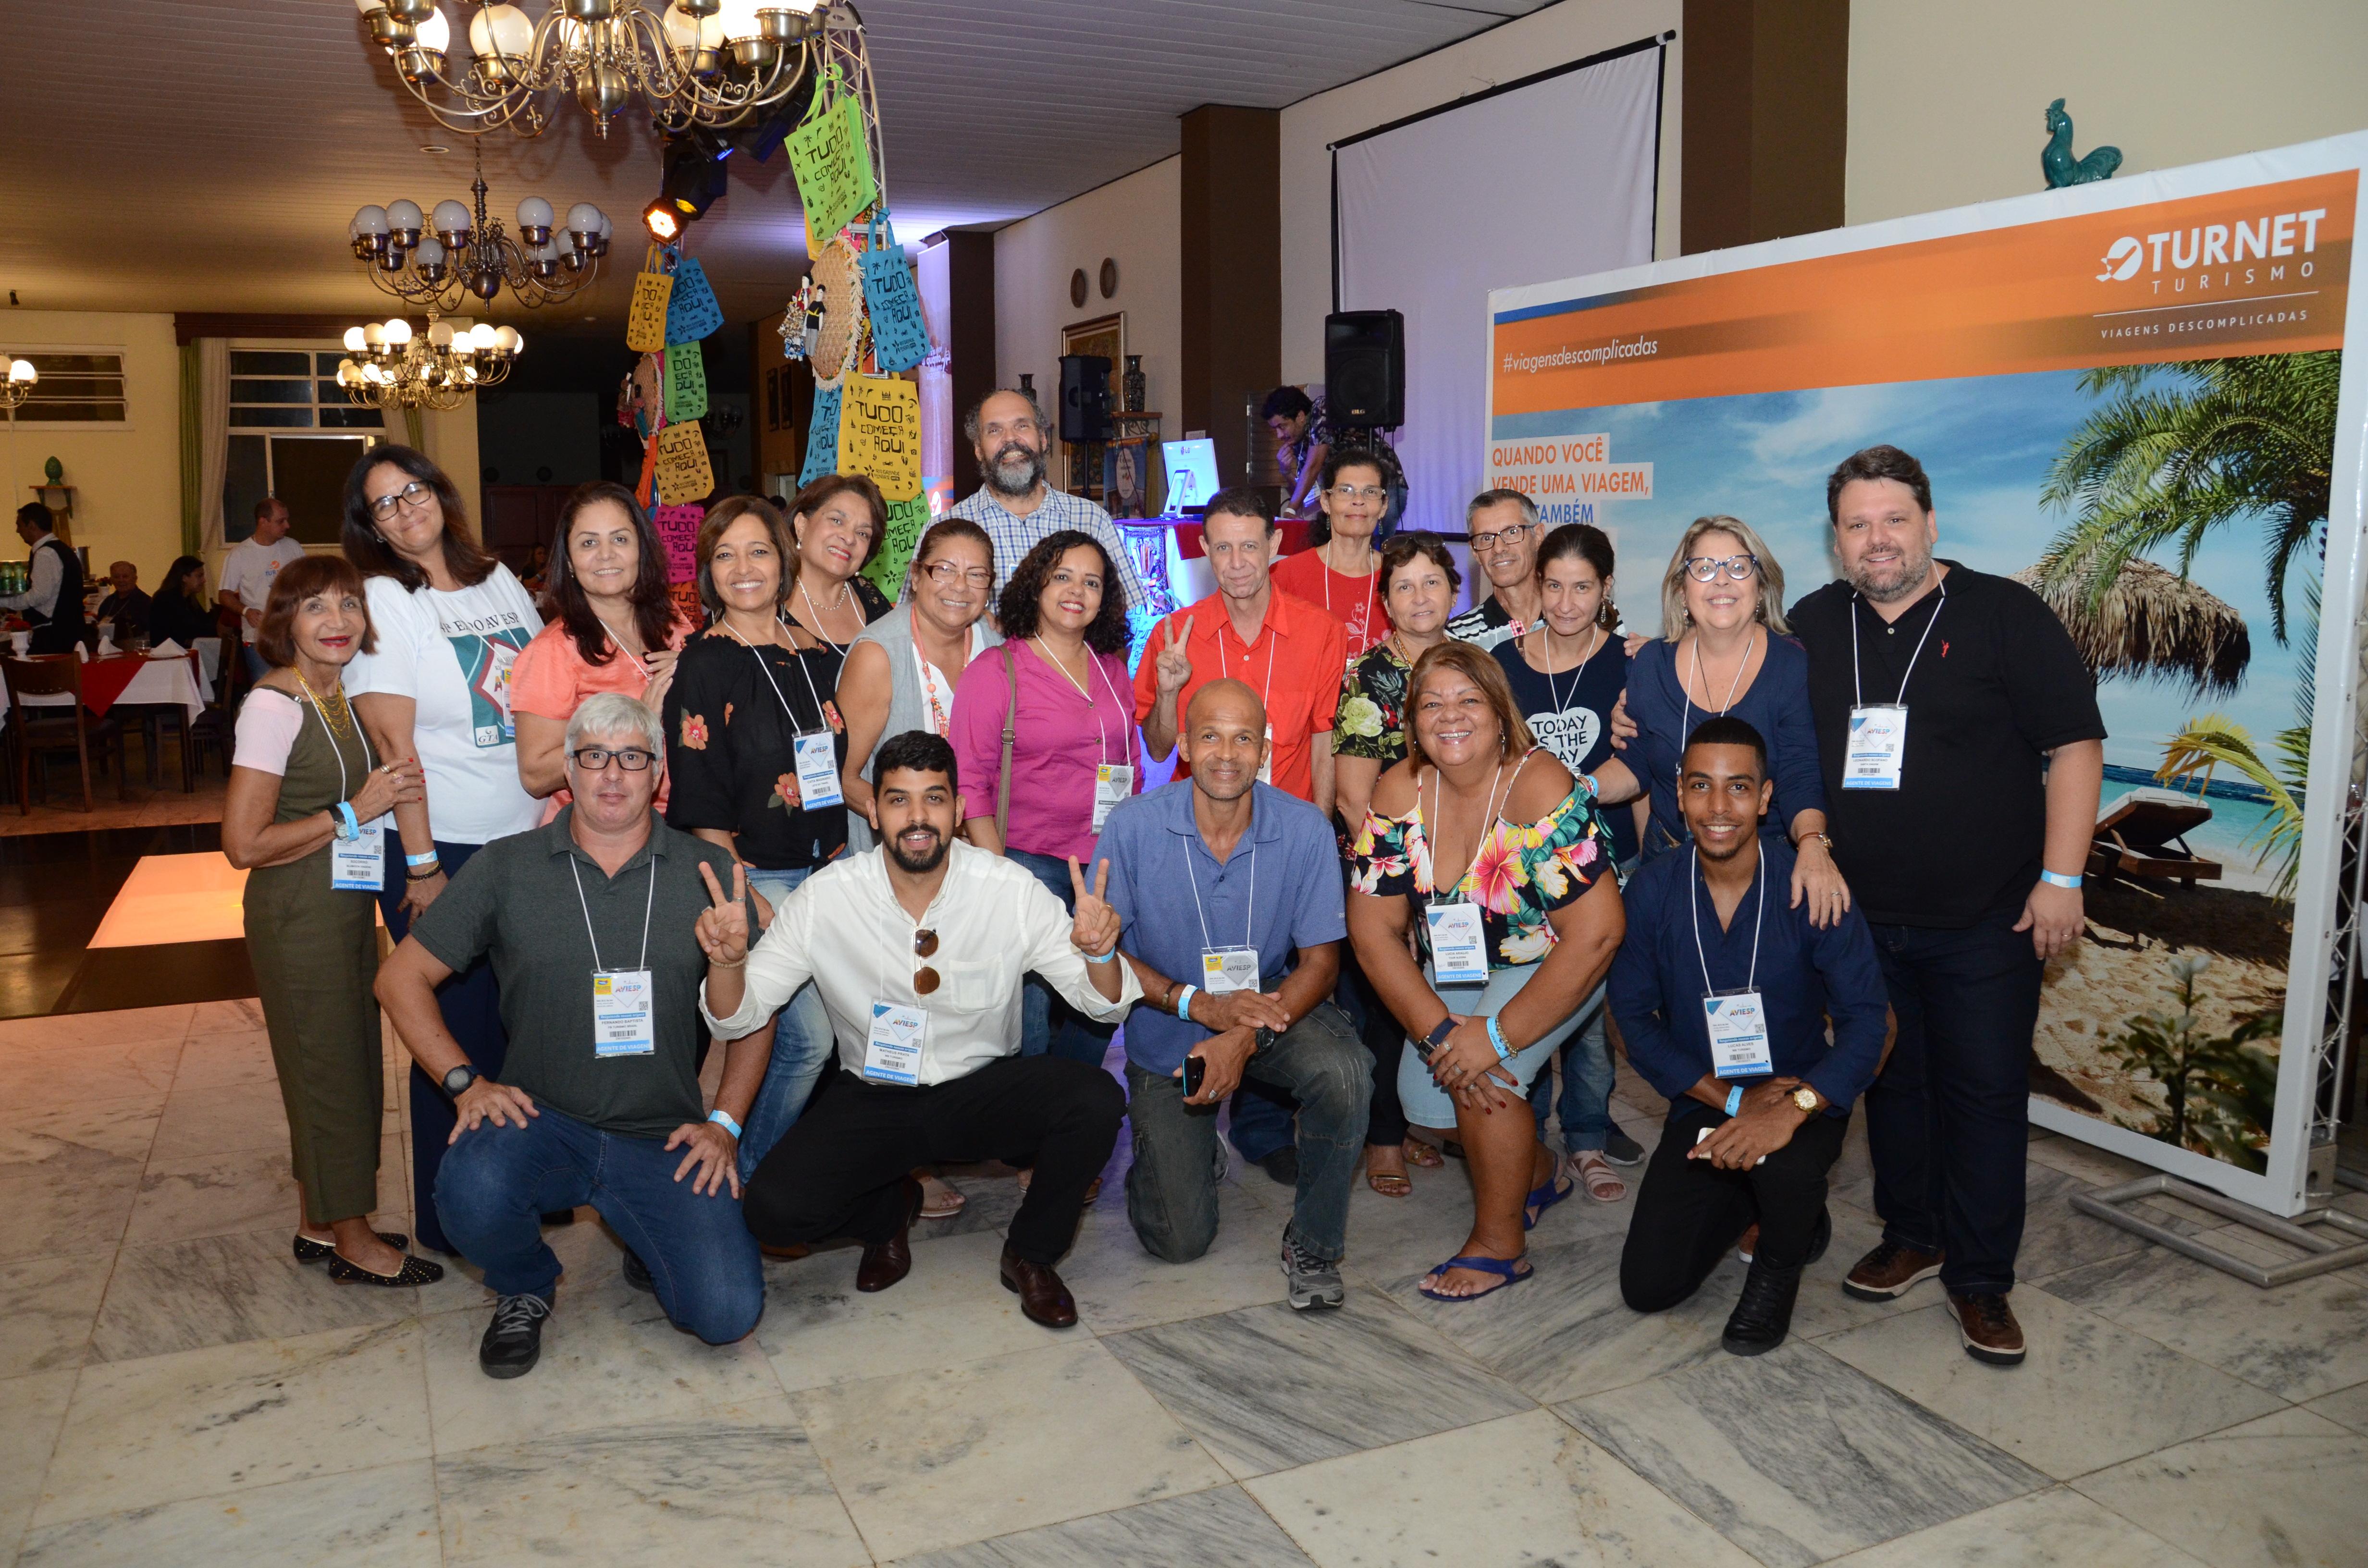 Agentes de viagens chegando na festa da Turnet e do Rio Grande do Norte